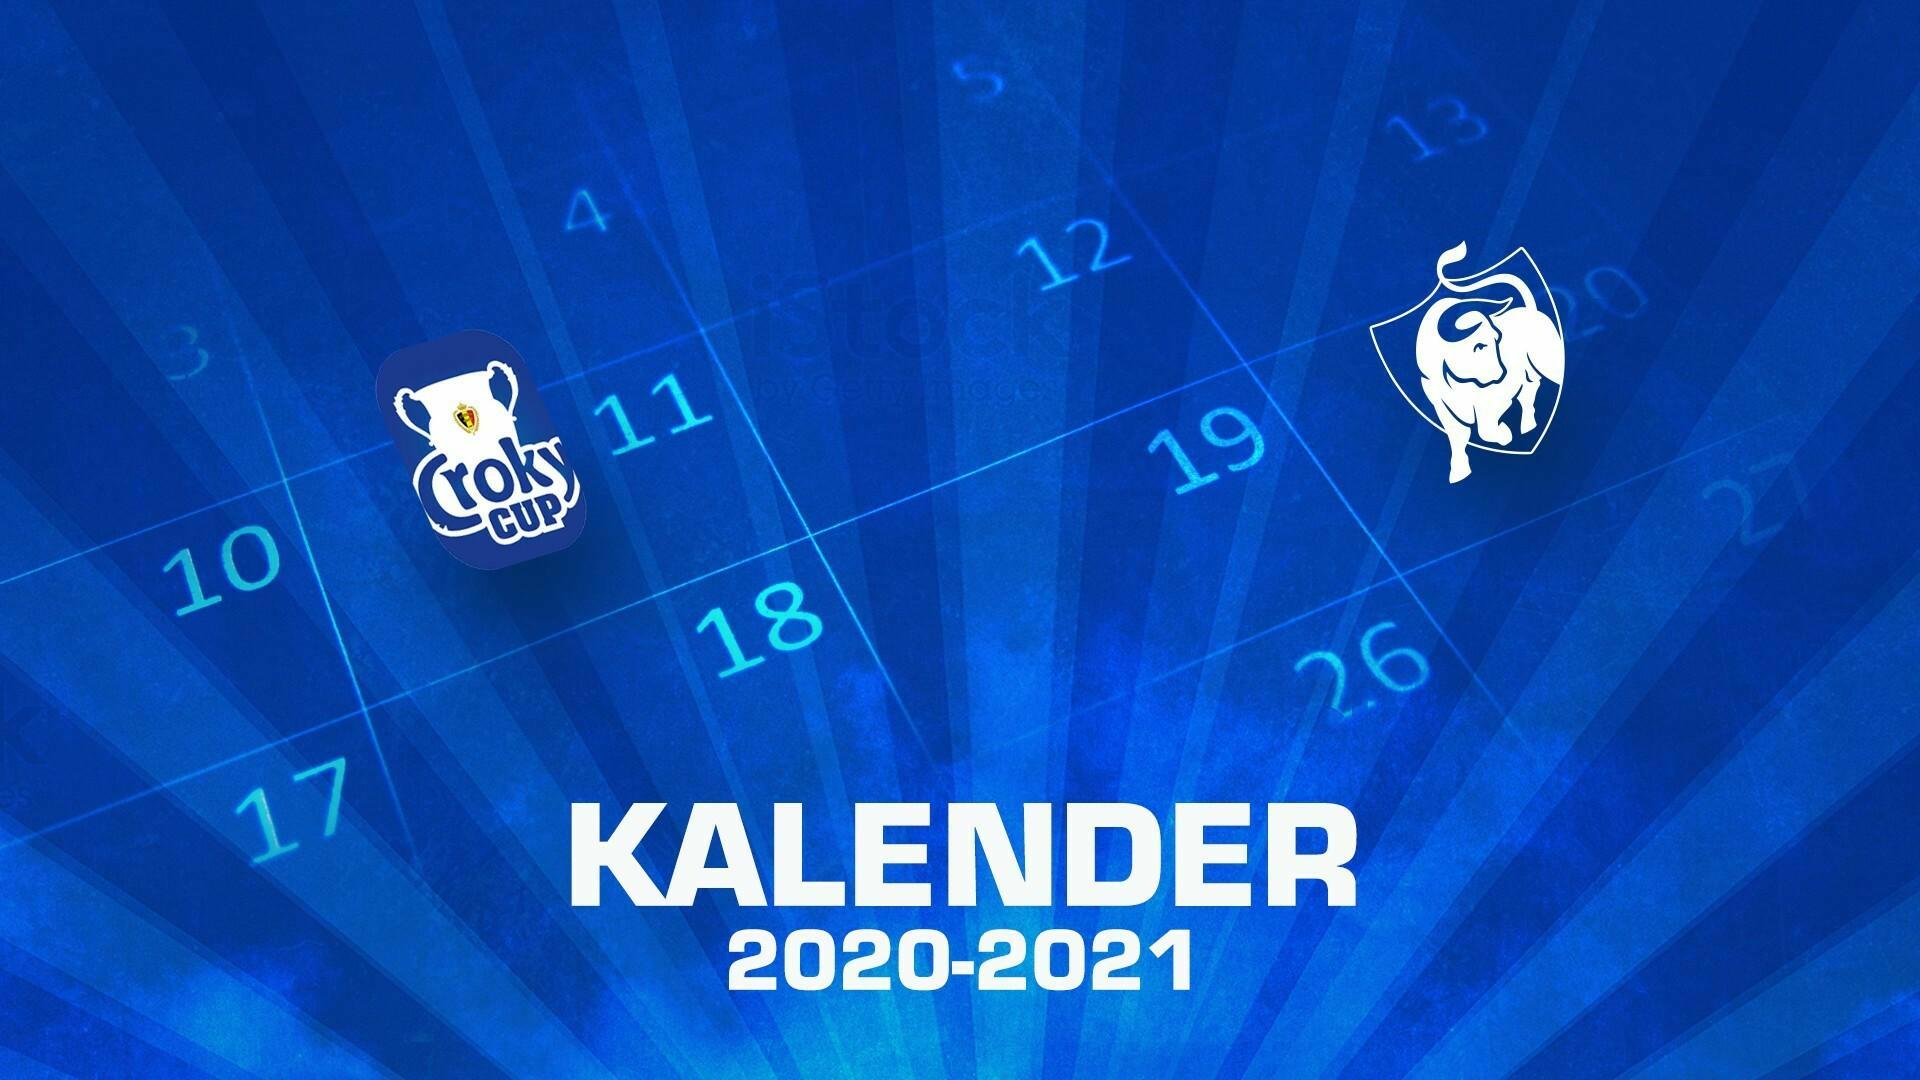 Kalenderupdate Beker van België en speeldagen 24 t.e.m. 28